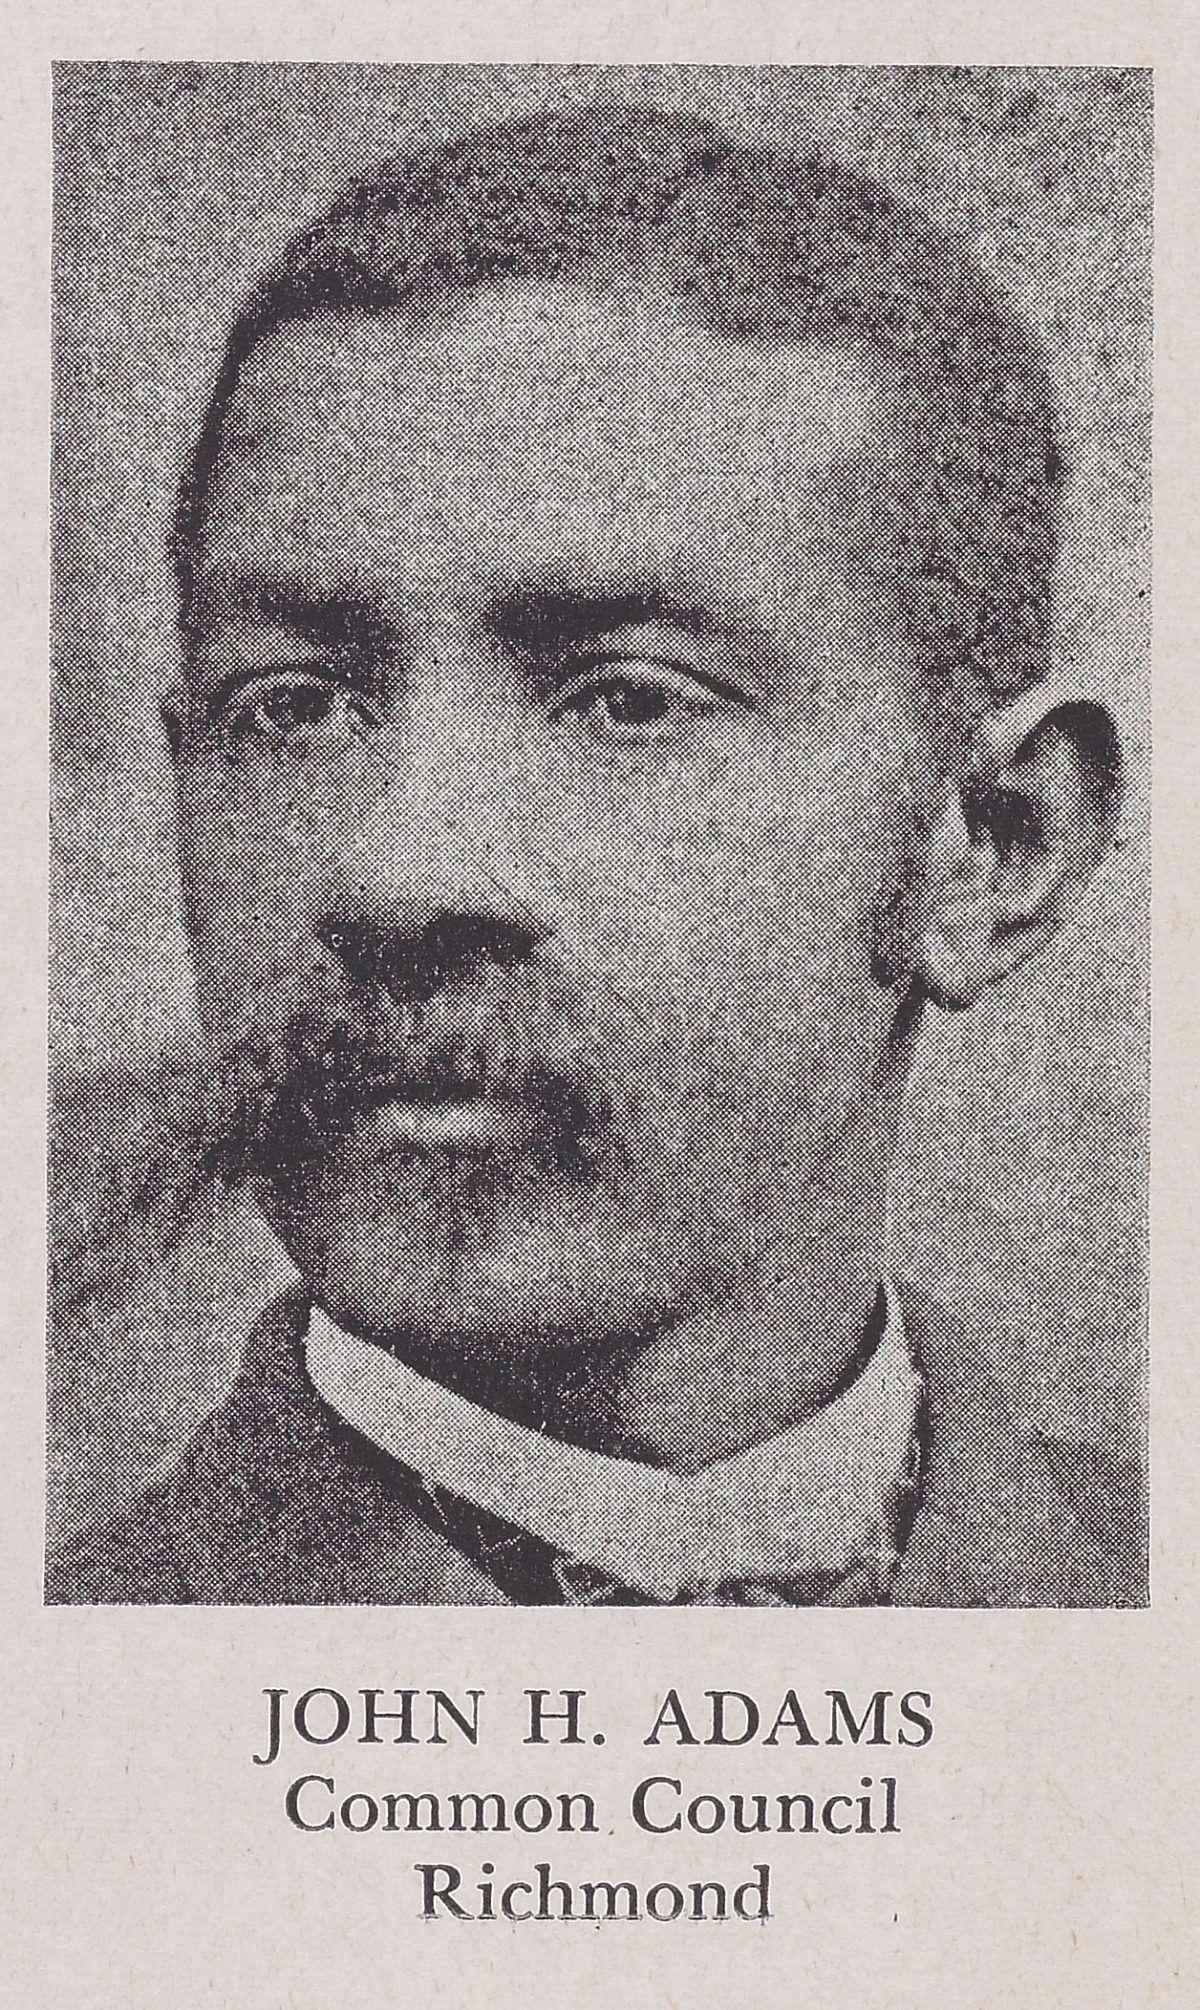 John H. Adams